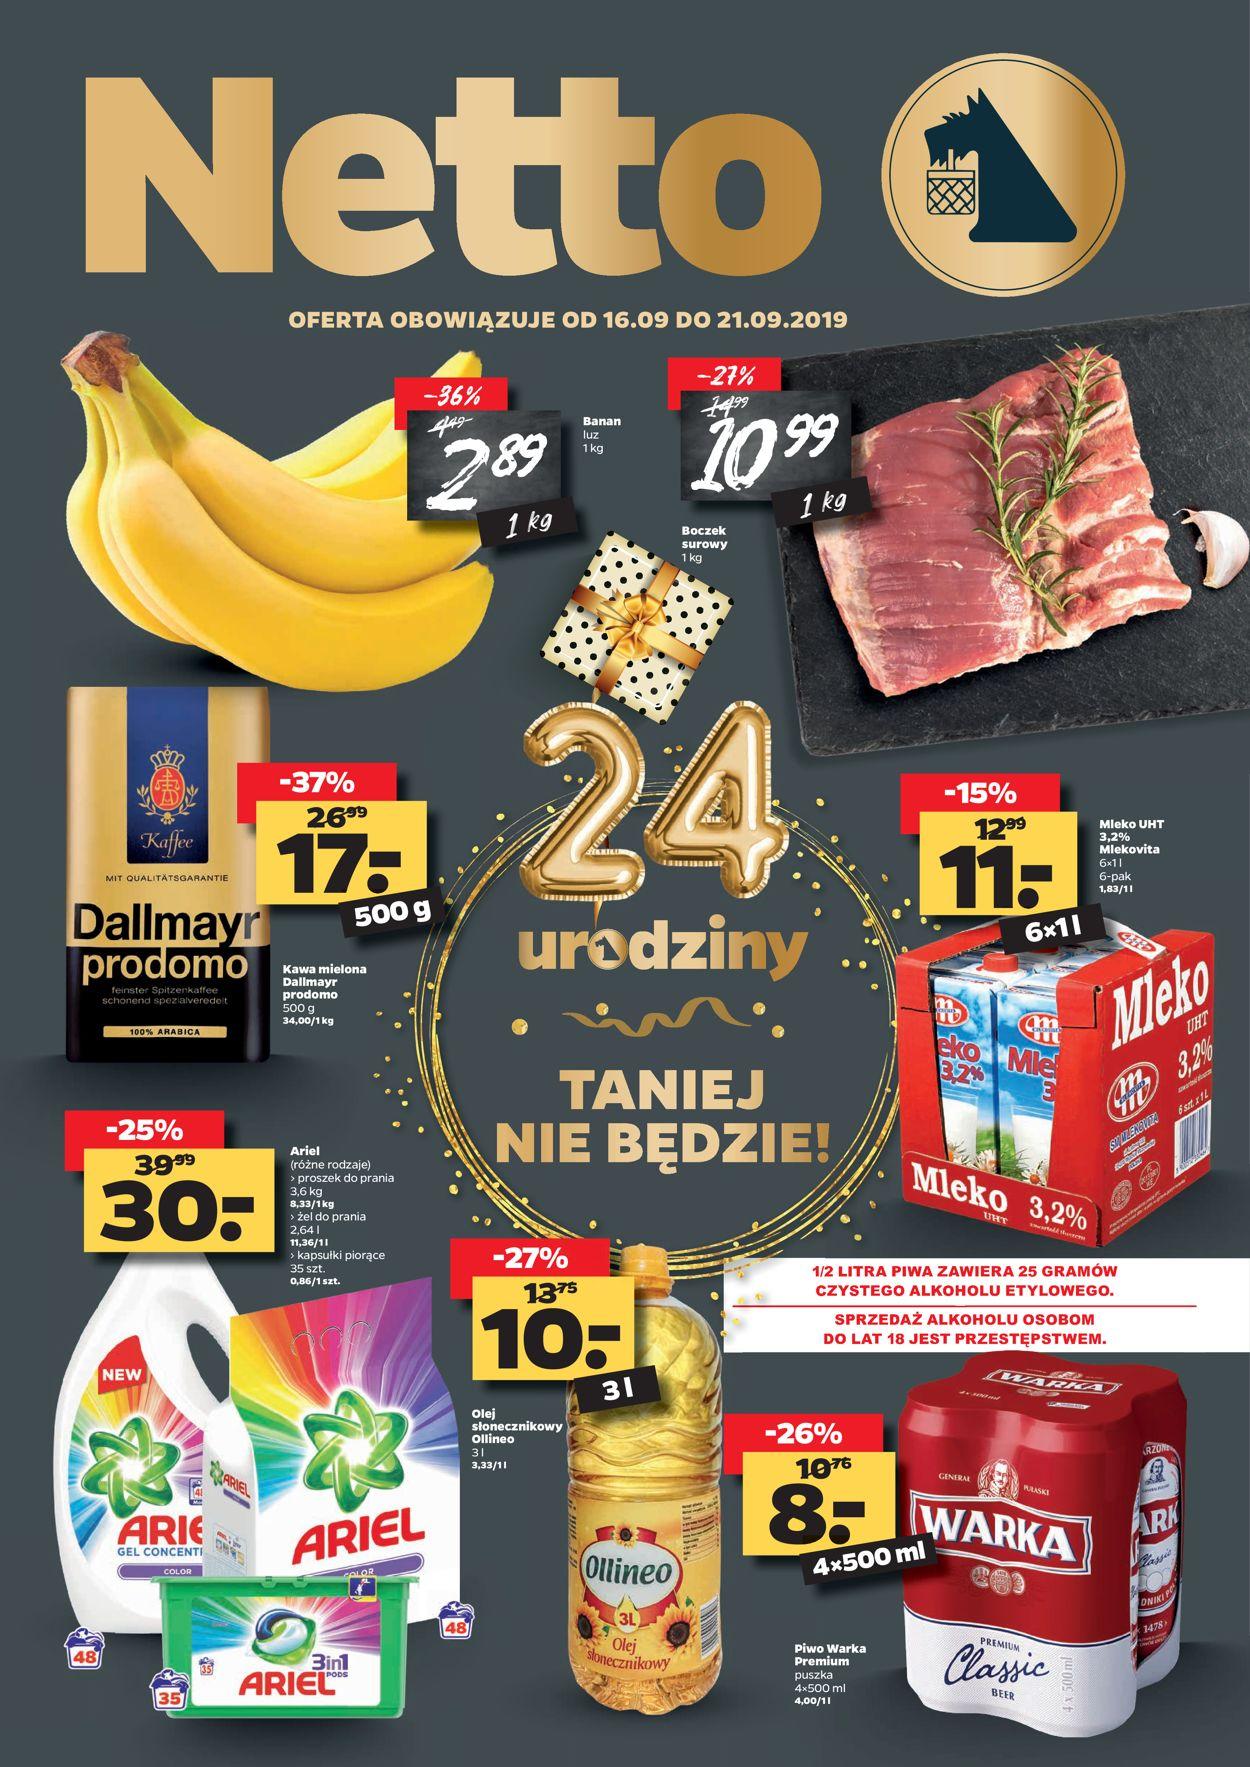 Gazetka promocyjna Netto - 16.09-21.09.2019